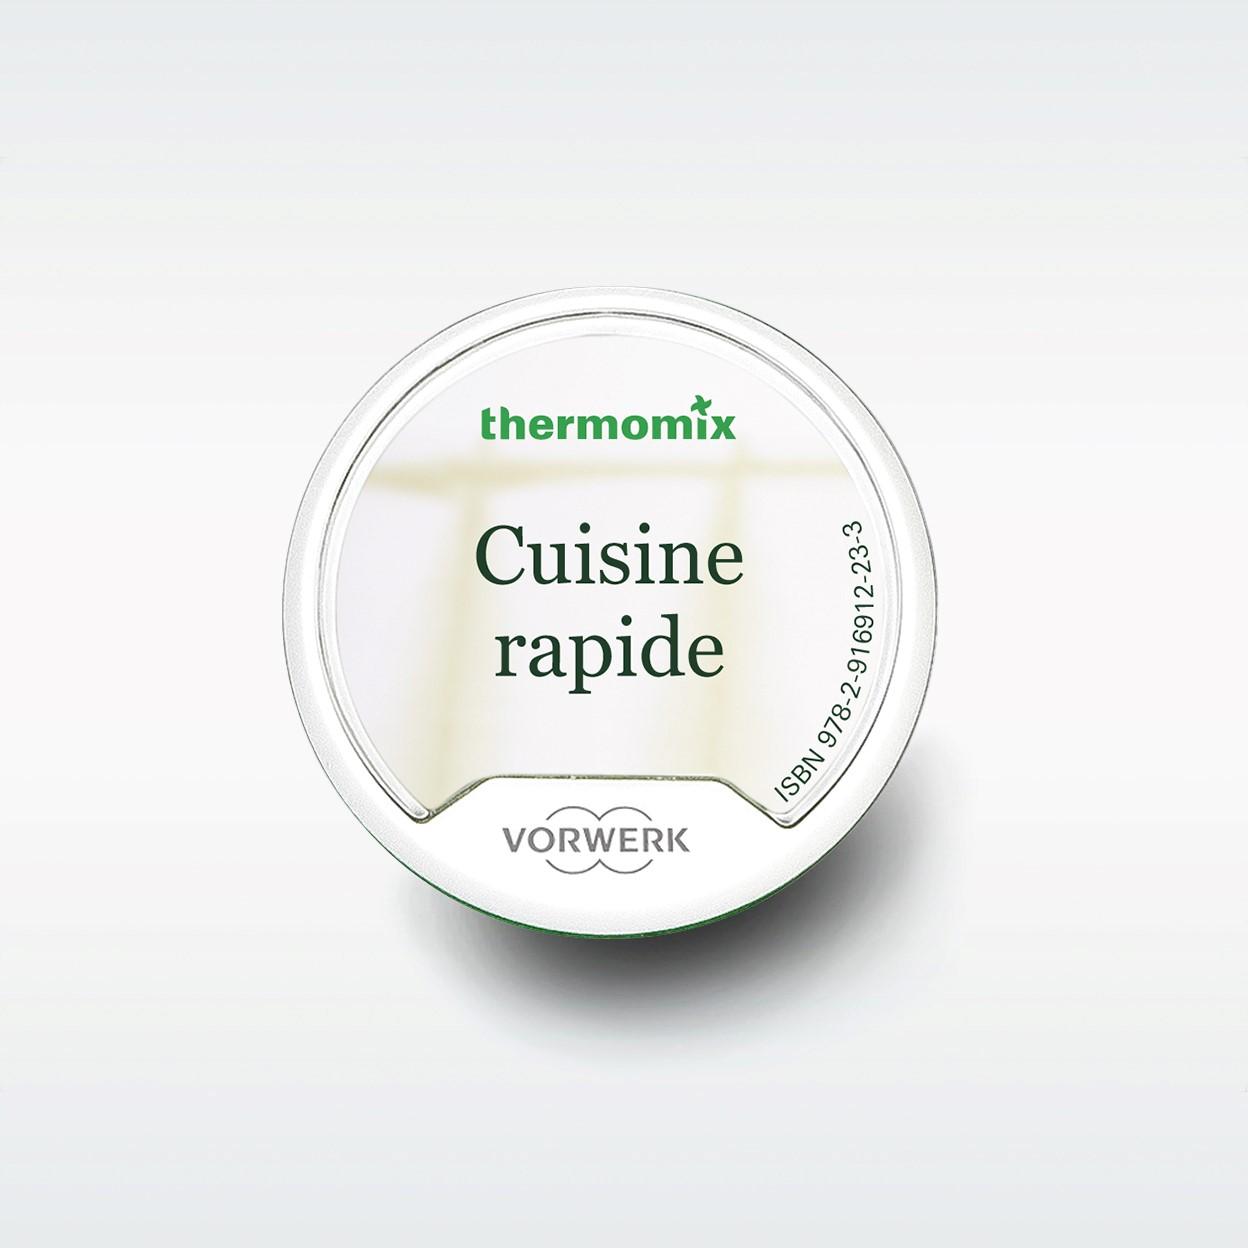 Cuisine rapide cl recettes nobelmix thermomix canada - Livre thermomix cuisine rapide ...